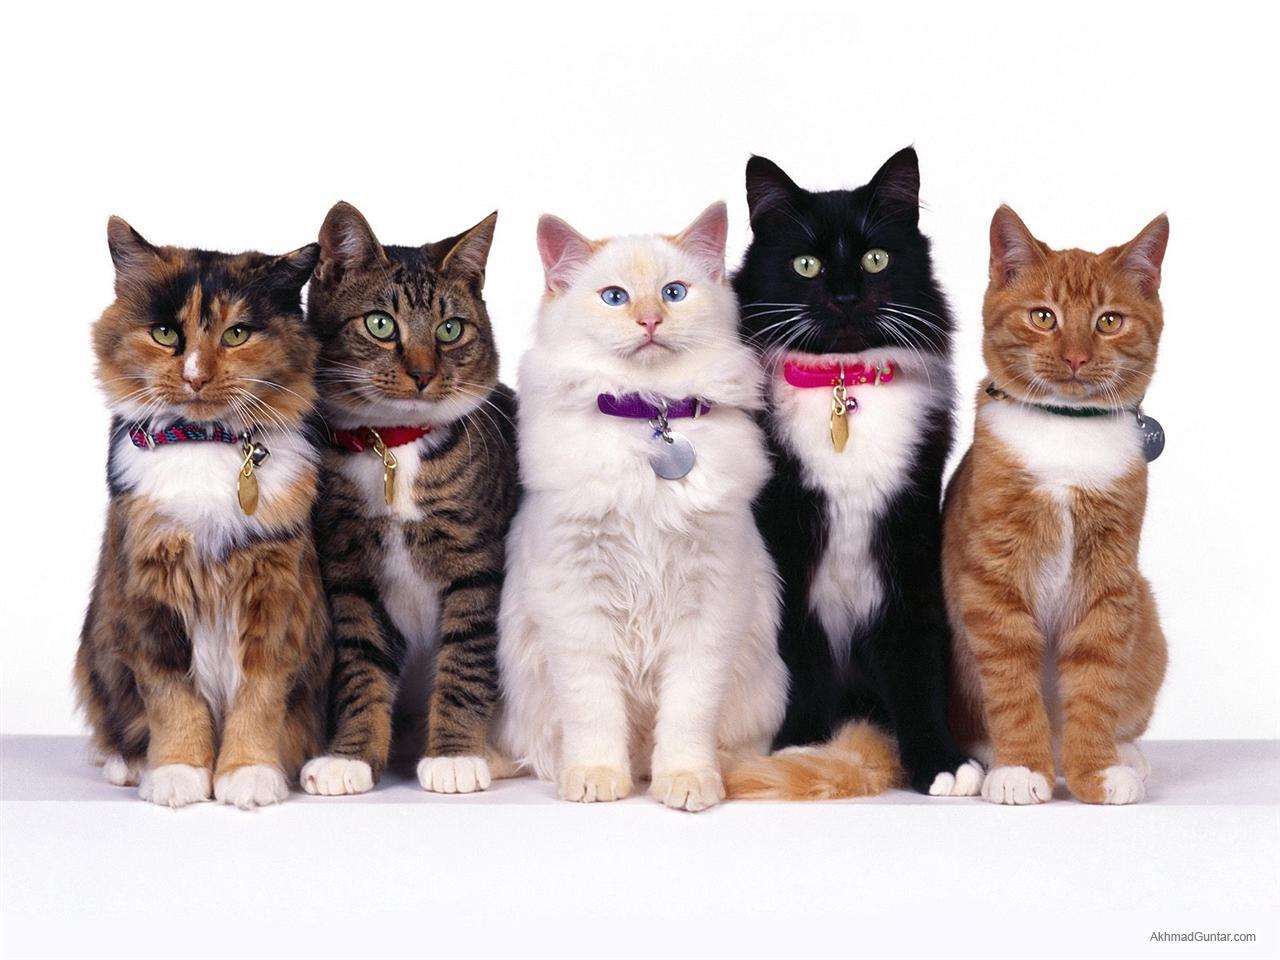 Perawatan Kucing Tips Mudah Untuk Merawat Kucing